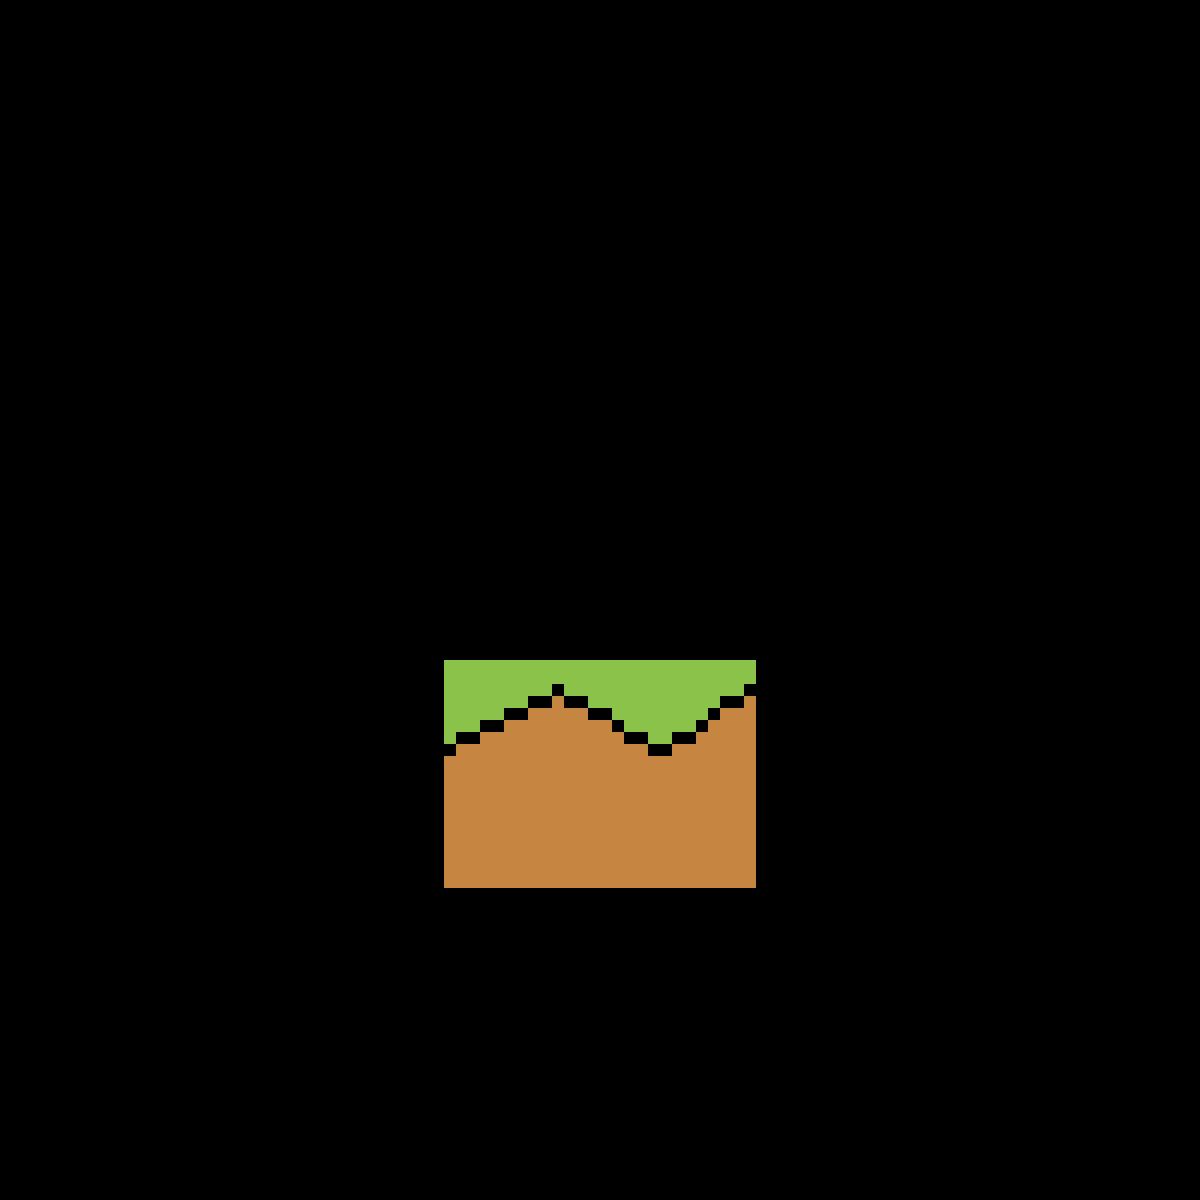 falling block by grashilikemerch